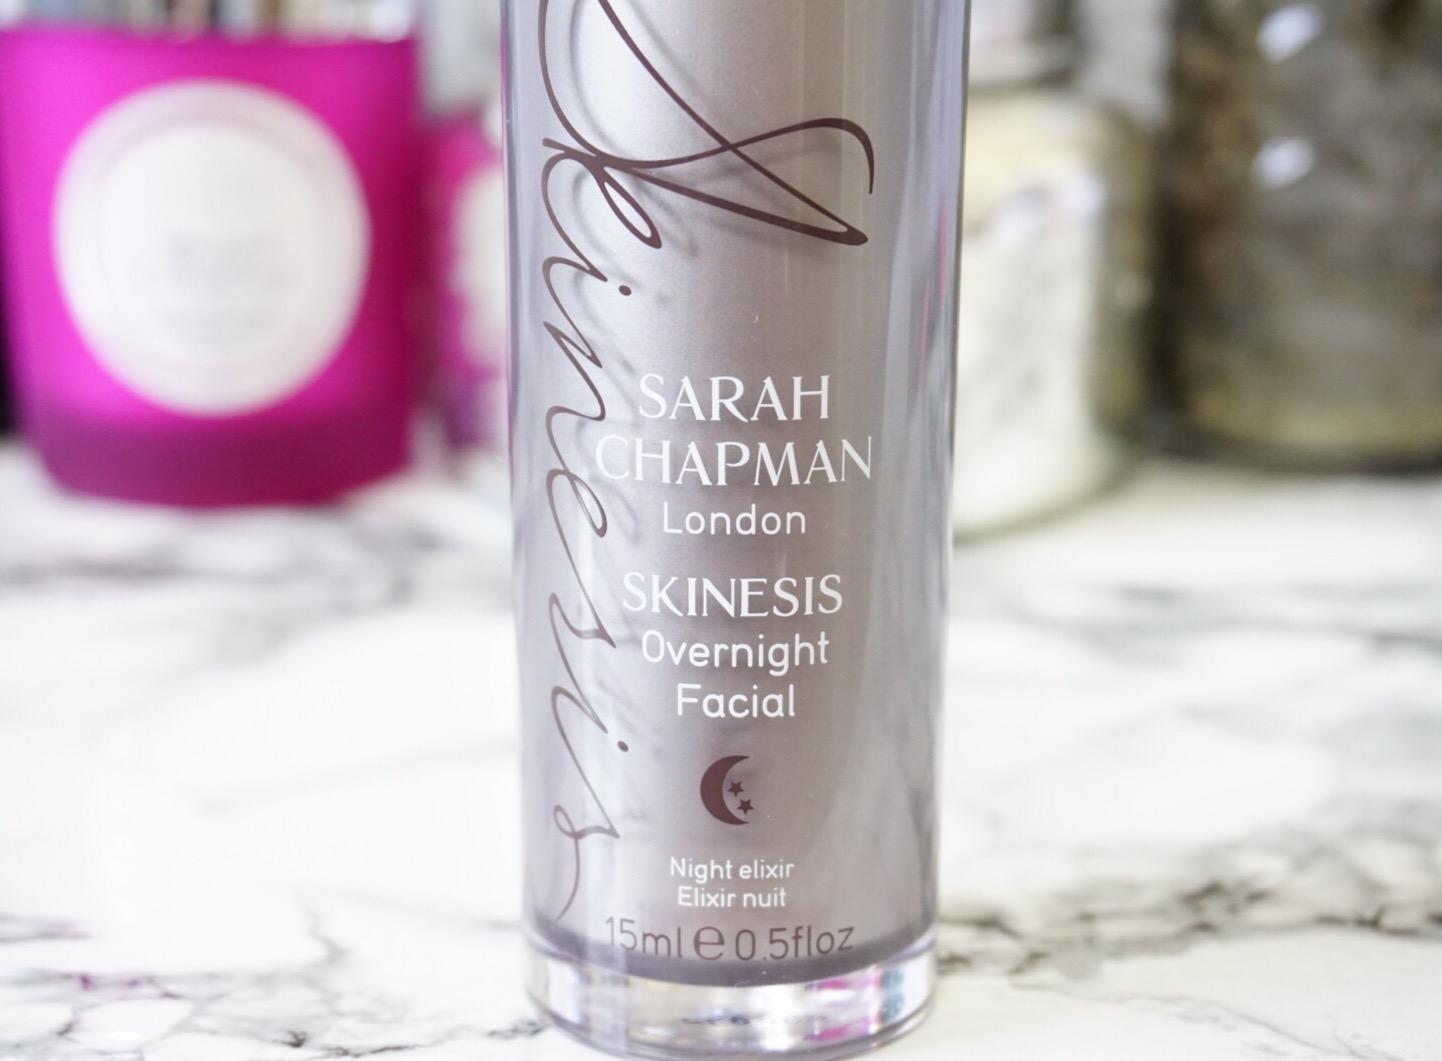 Sarah Chapman Skinesis Overnight Facial